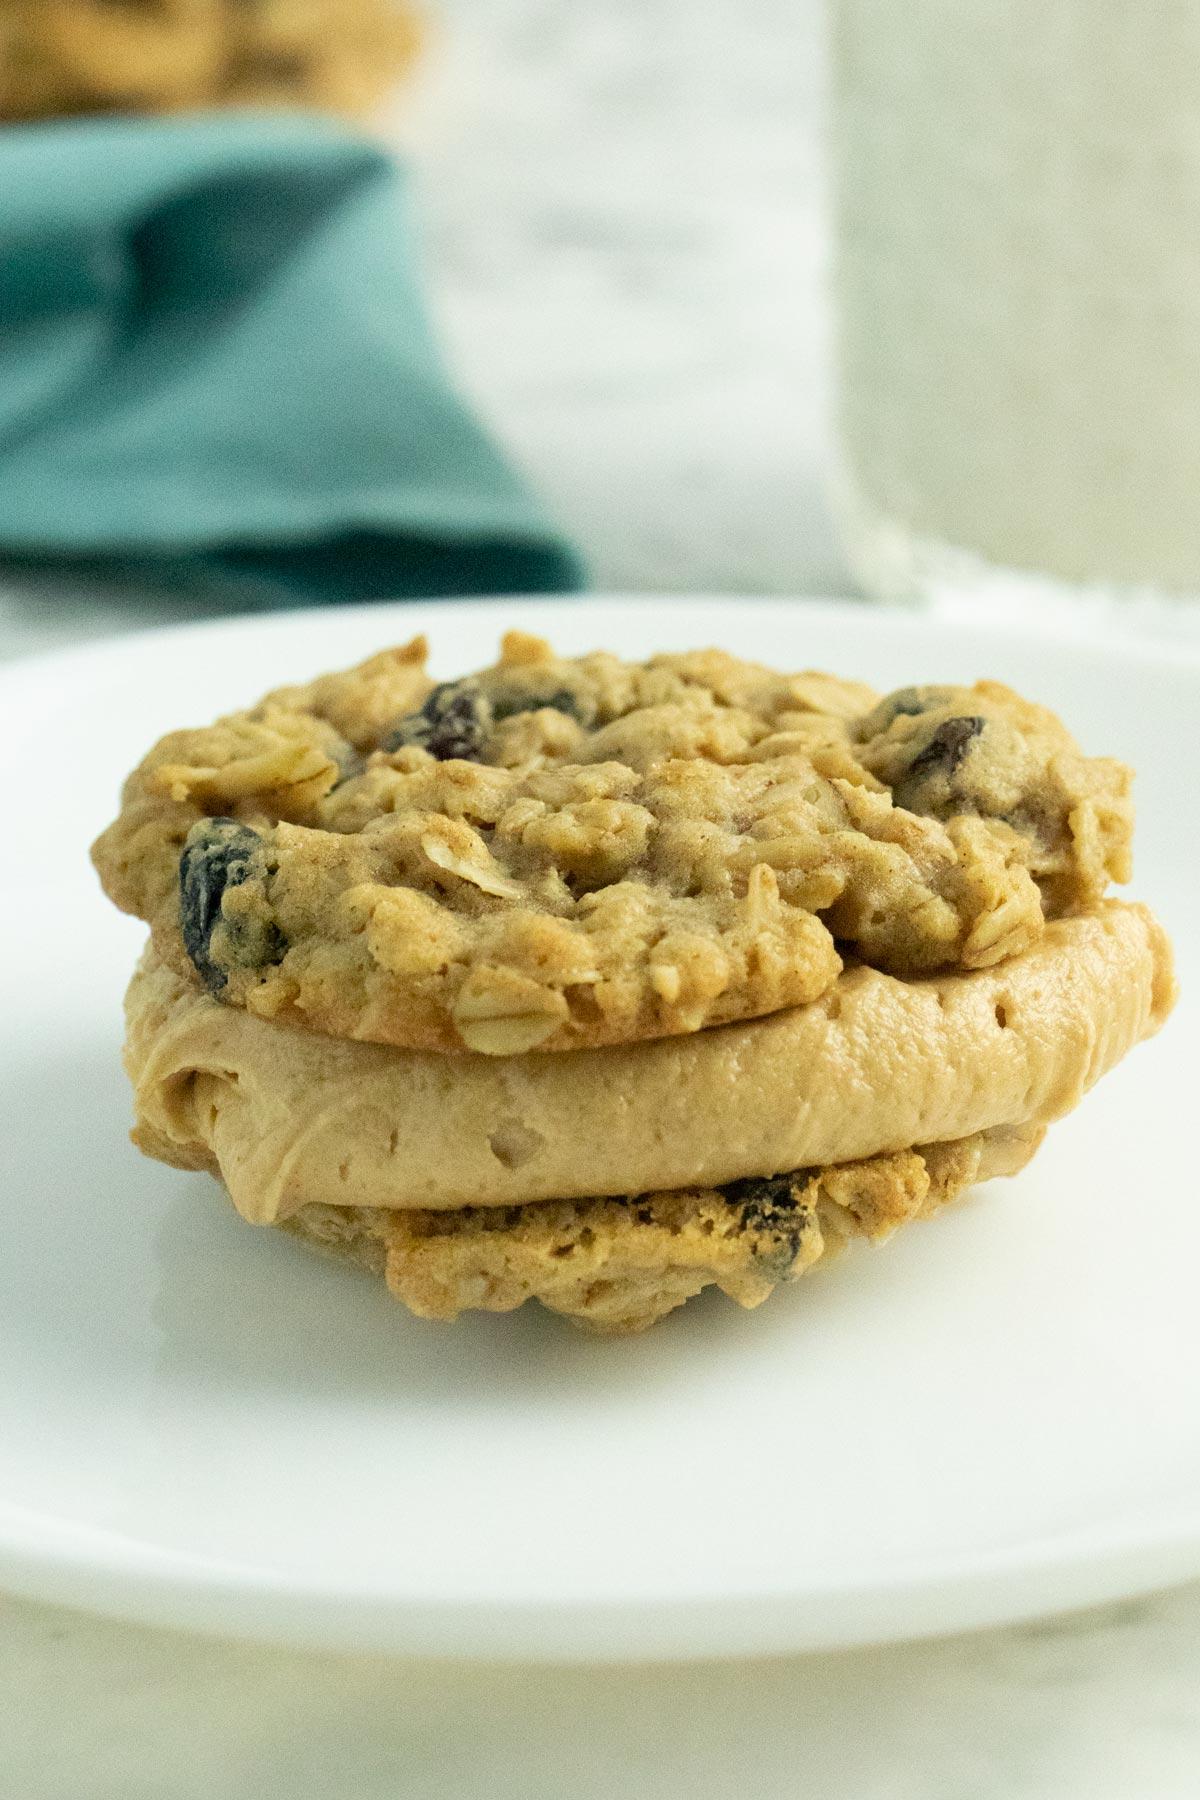 vegan oatmeal peanut butter cookie sandwich